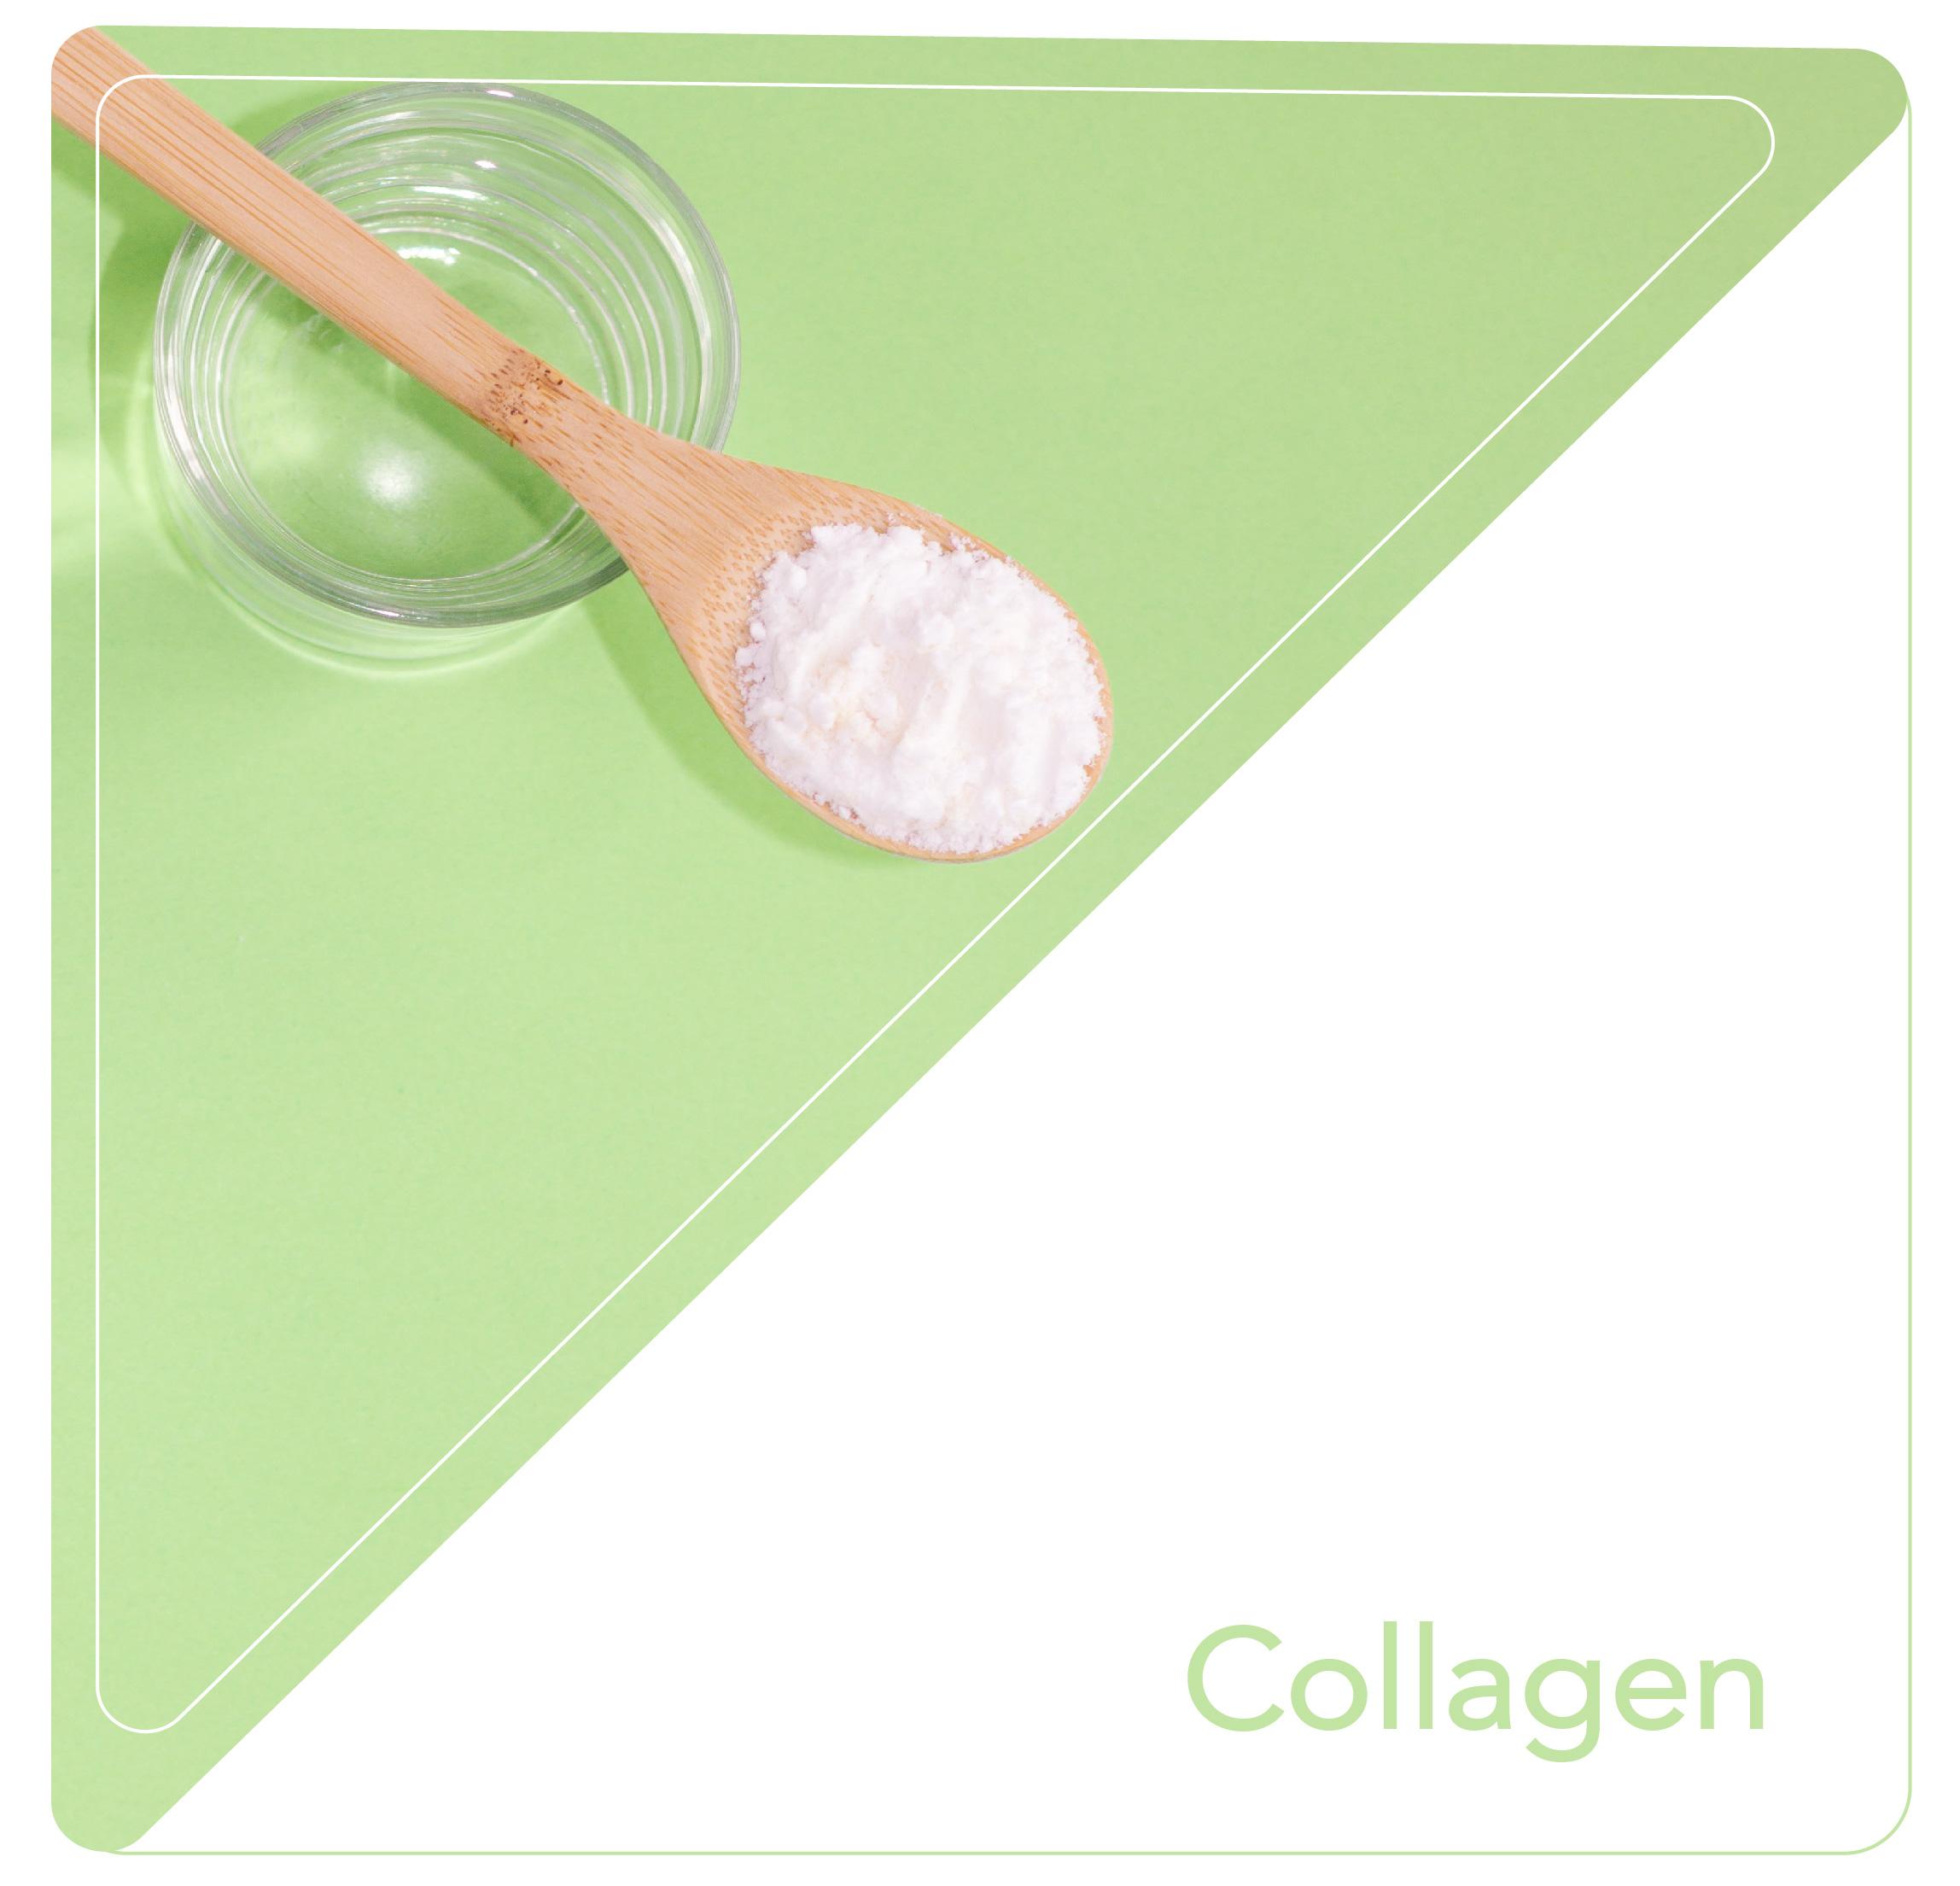 Skin Care-collagen-02-3